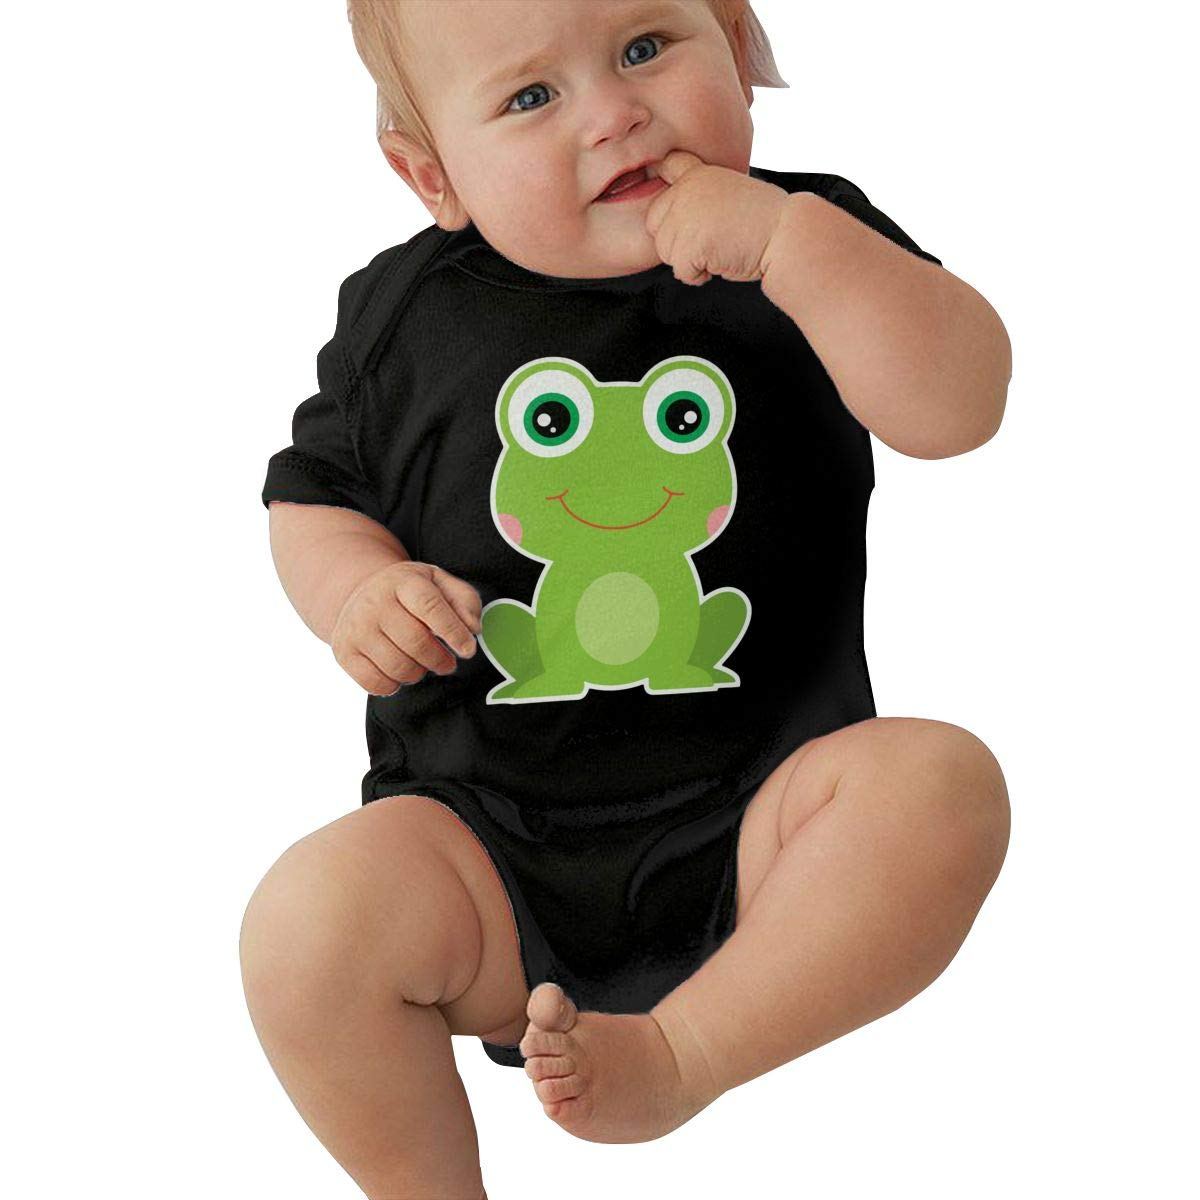 Cute Frog Infant Baby Original Cotton Jumpsuit